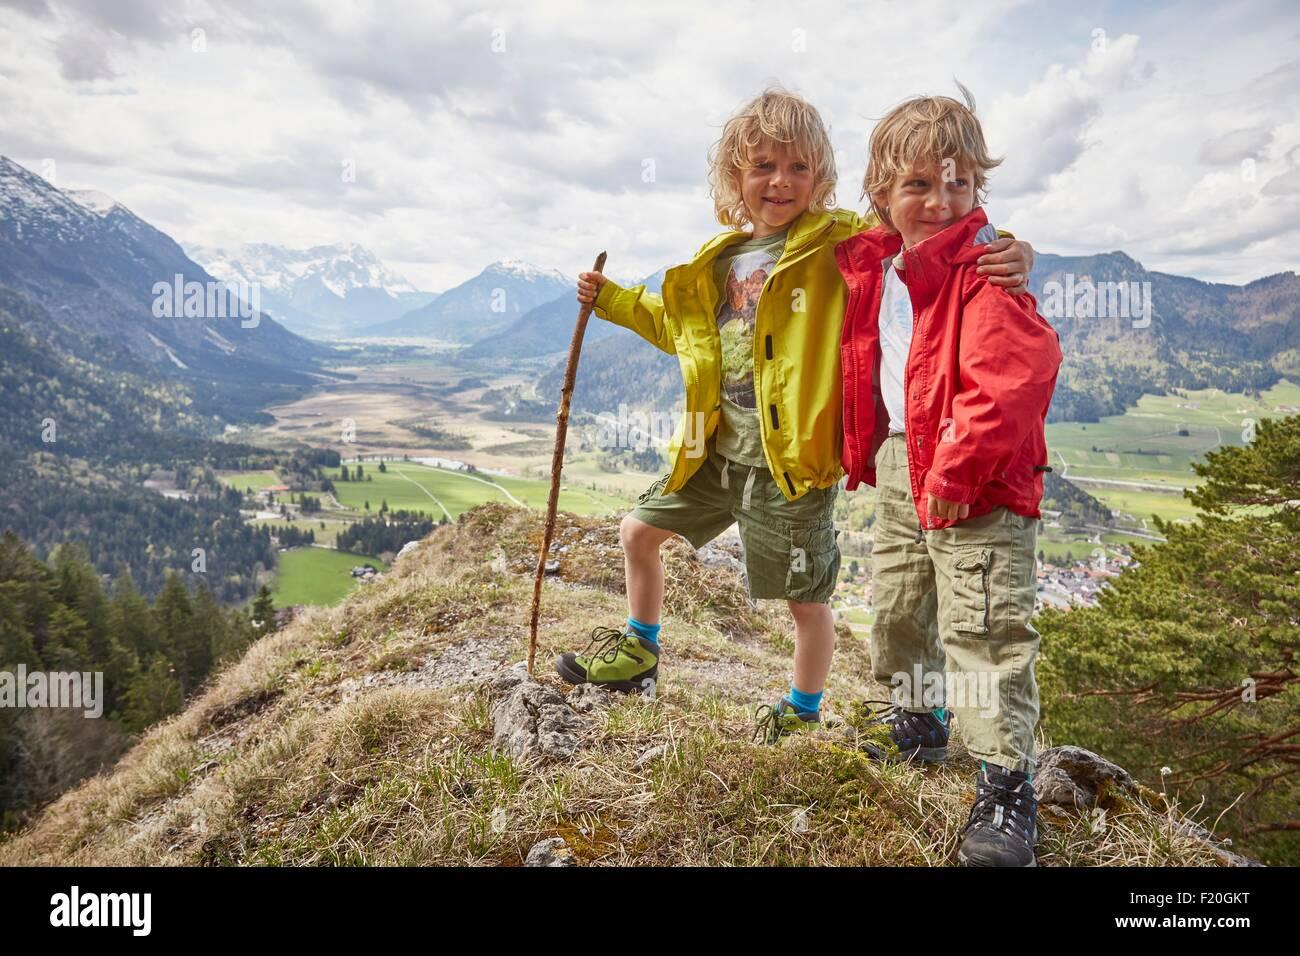 Retrato de dos jóvenes, de pie en la colina, Garmisch-Partenkirchen, Baviera, Alemania Imagen De Stock